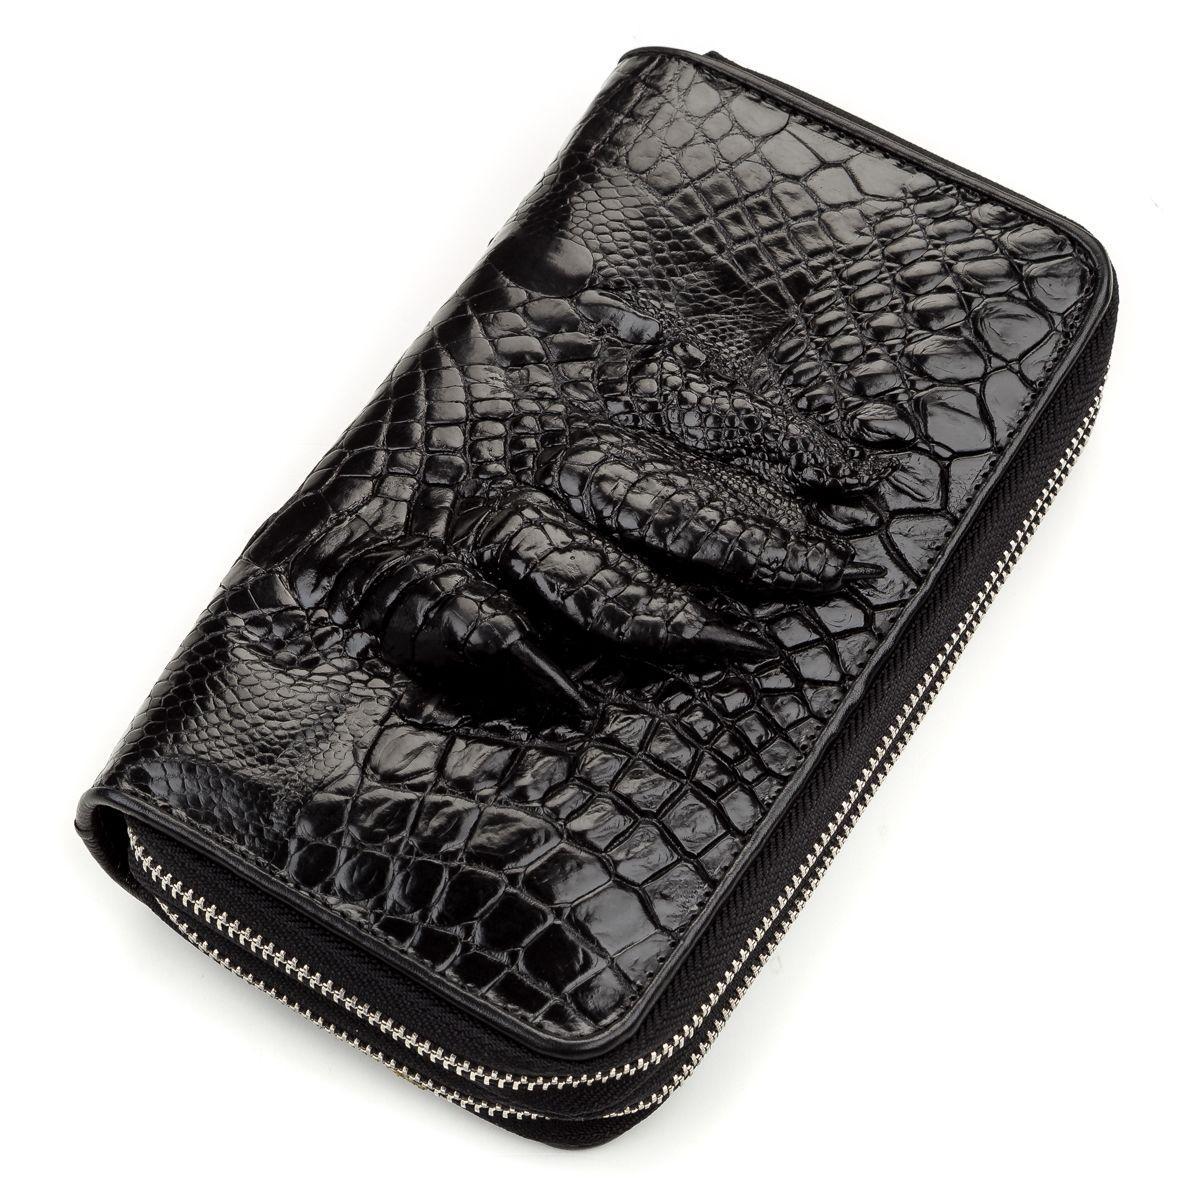 Кошелек-клатч CROCODILE LEATHER 18174 из натуральной кожи крокодила Черный